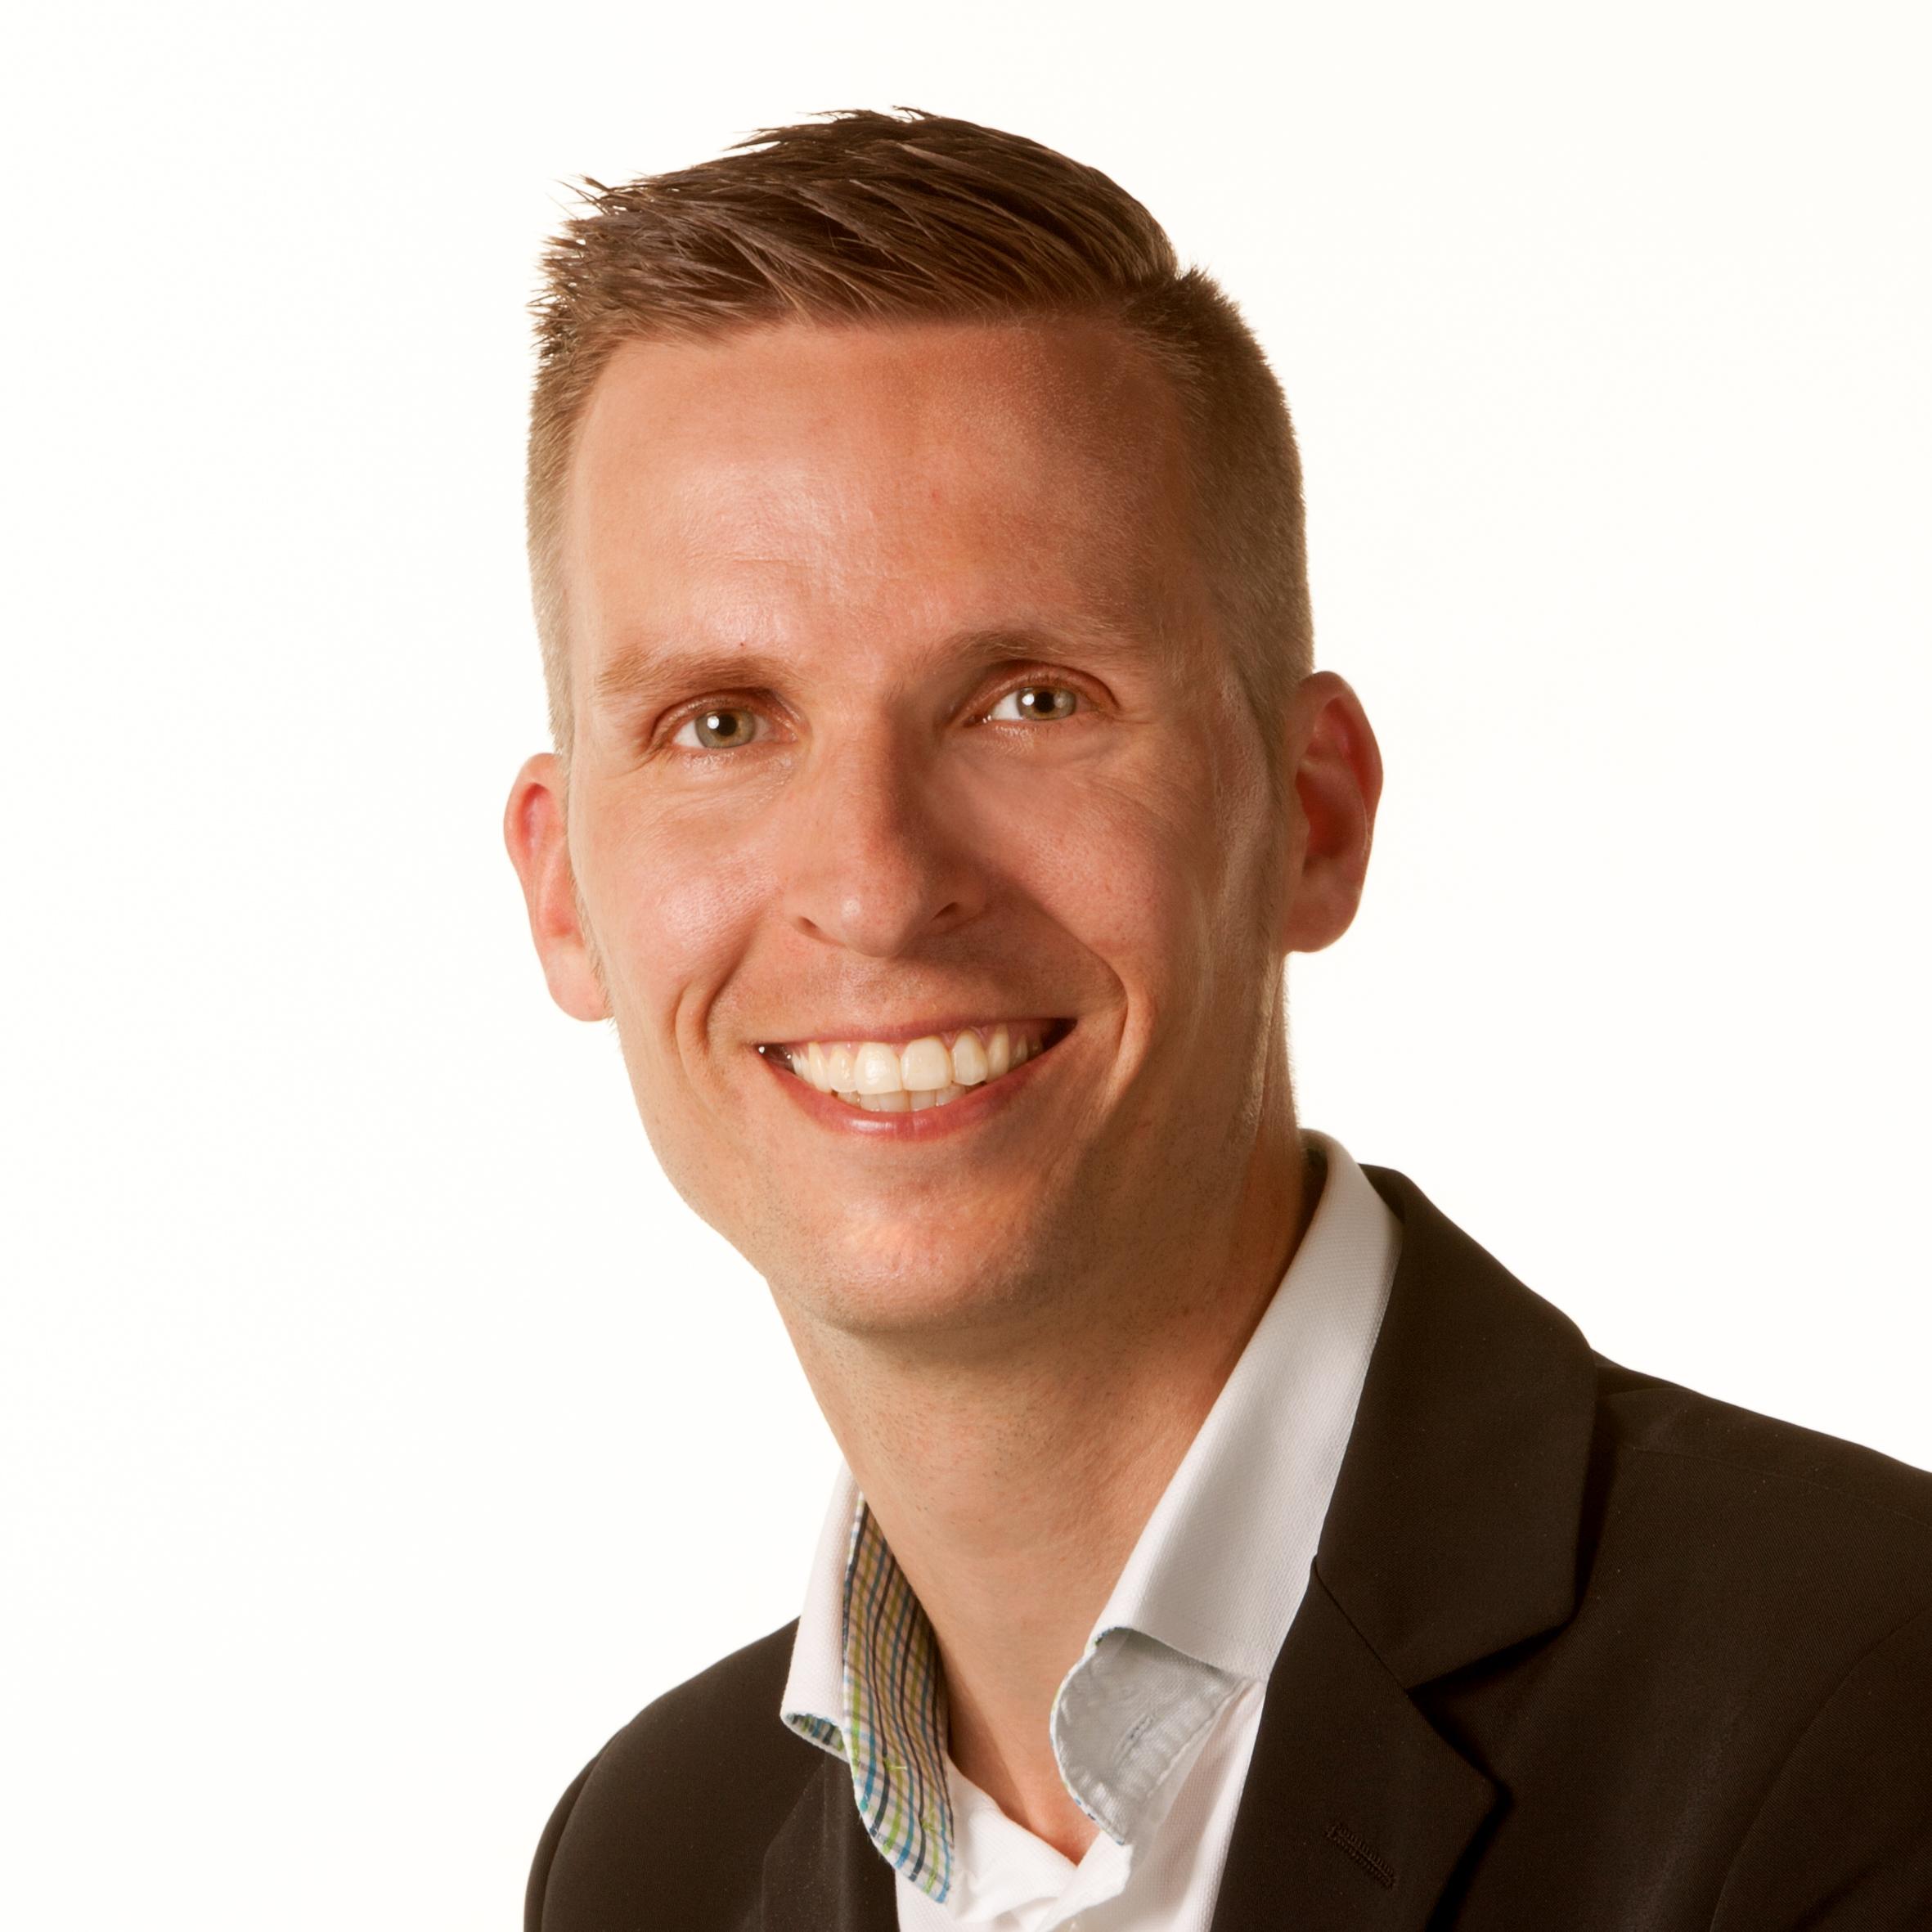 Nick van den Heuvel